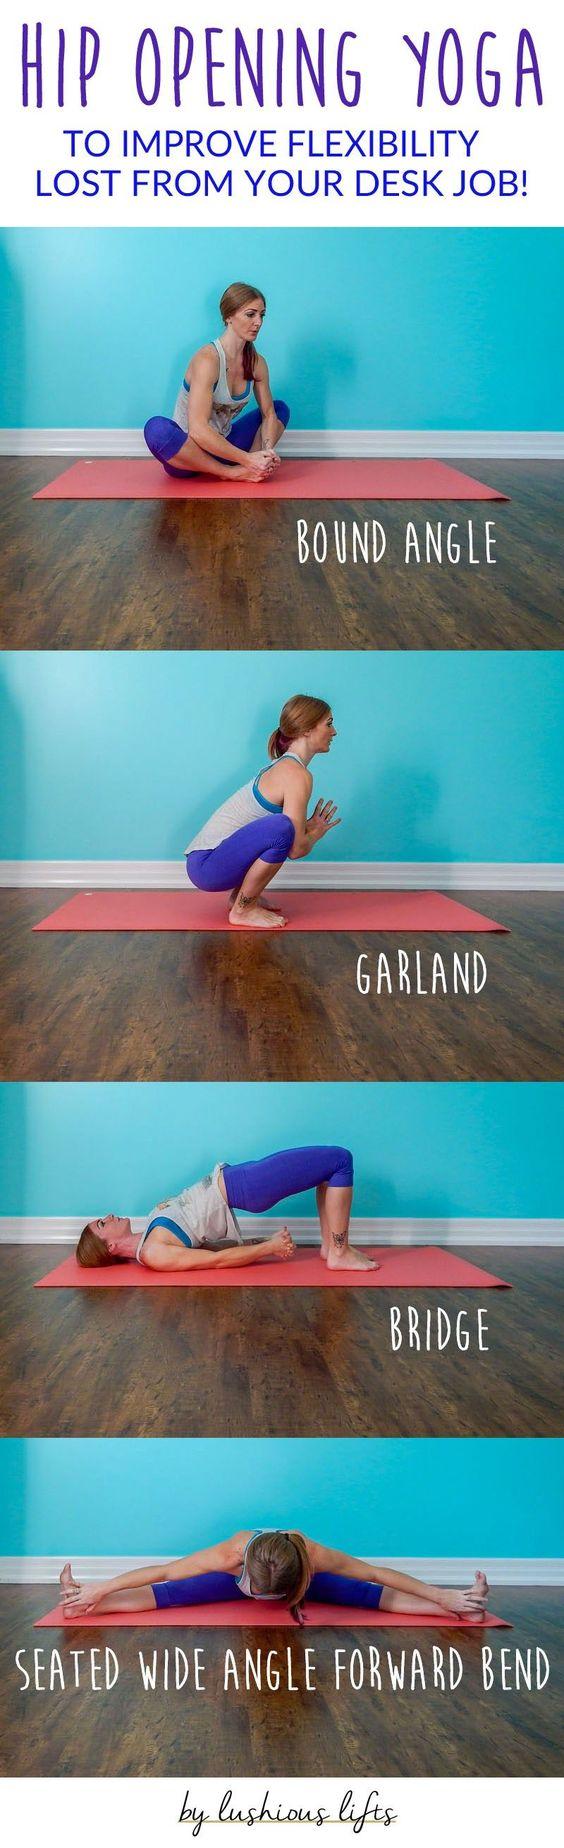 Hip Opening Yoga Poses to Improve Flexibility    lushiousLIFTS.com